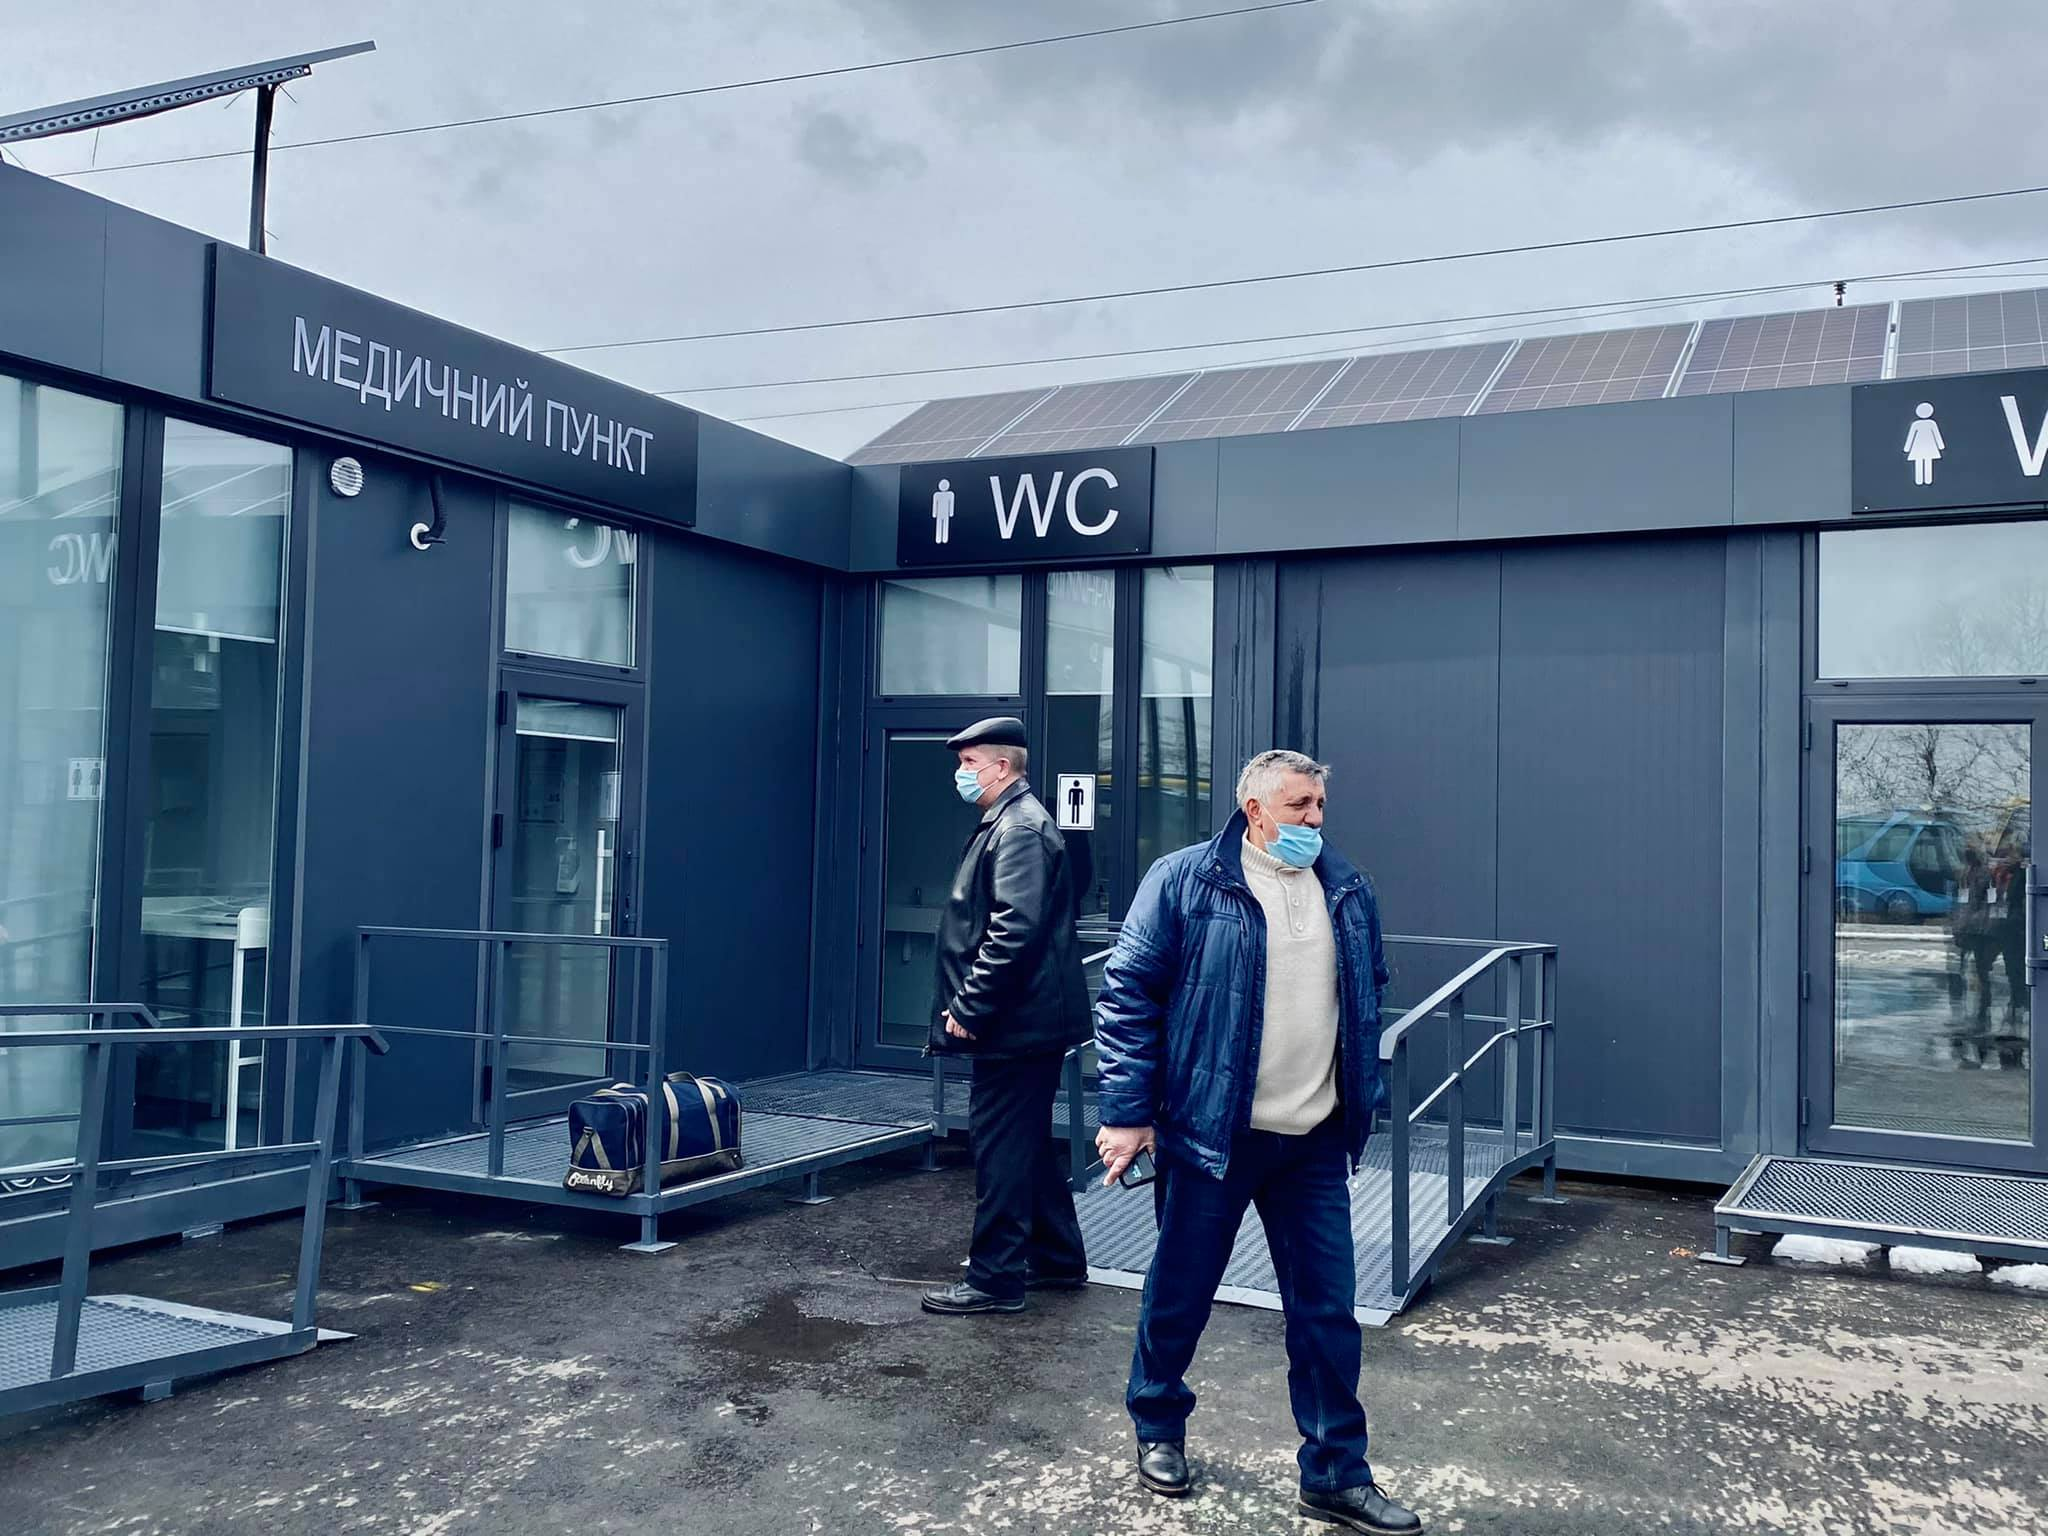 На КПВВ «Новотроицкое» успевают сделать в два раза больше бесплатных тестов, чем на «Станице Луганской», — правозащитники